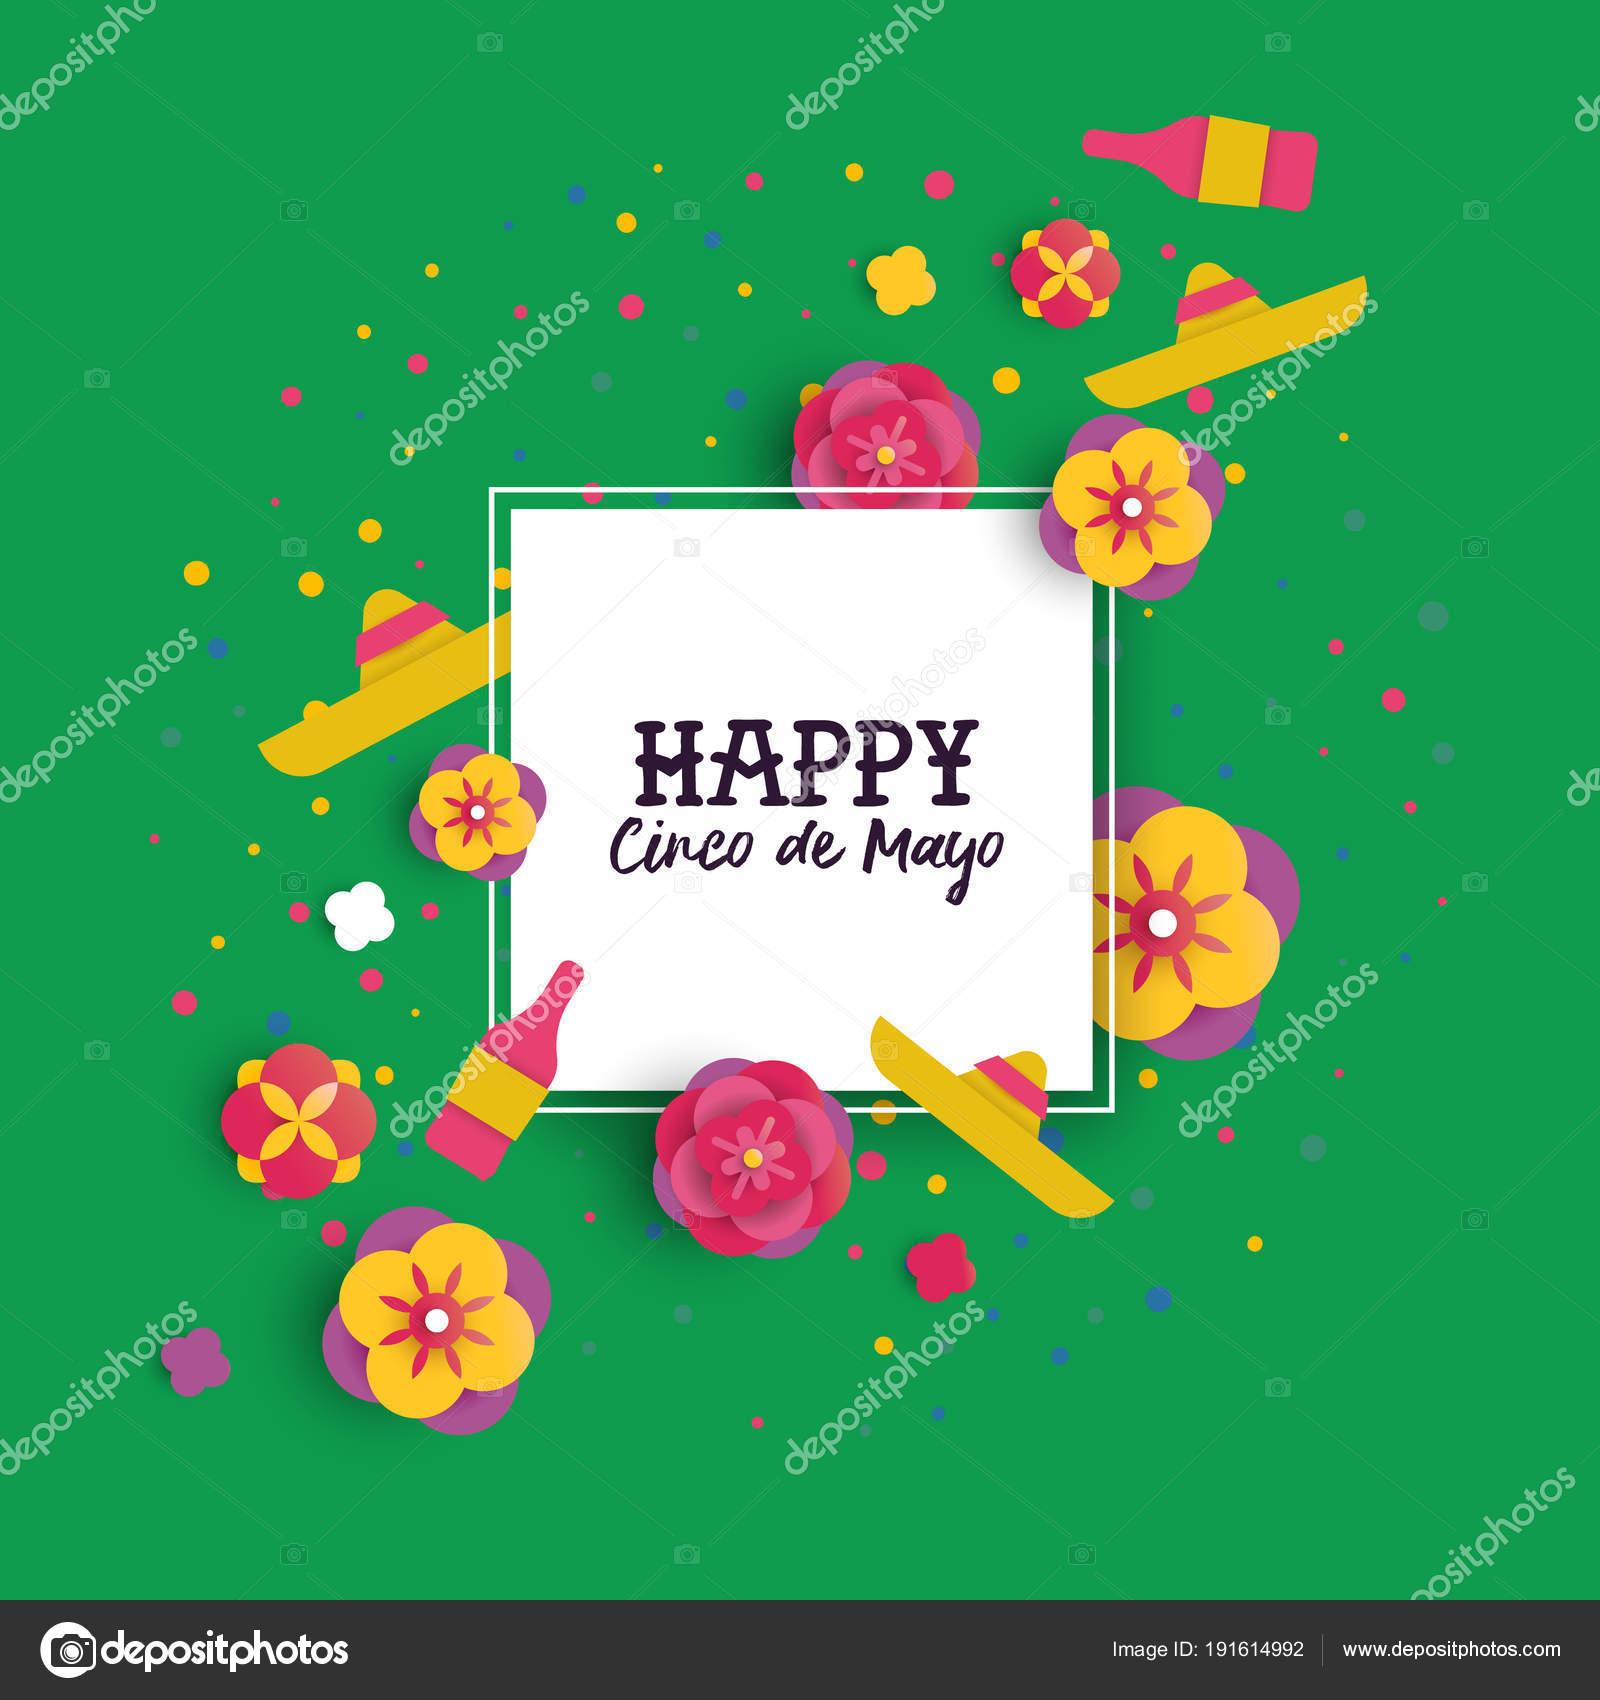 Cinco de Mayo papel cortar flor marco tarjetas de felicitación ...